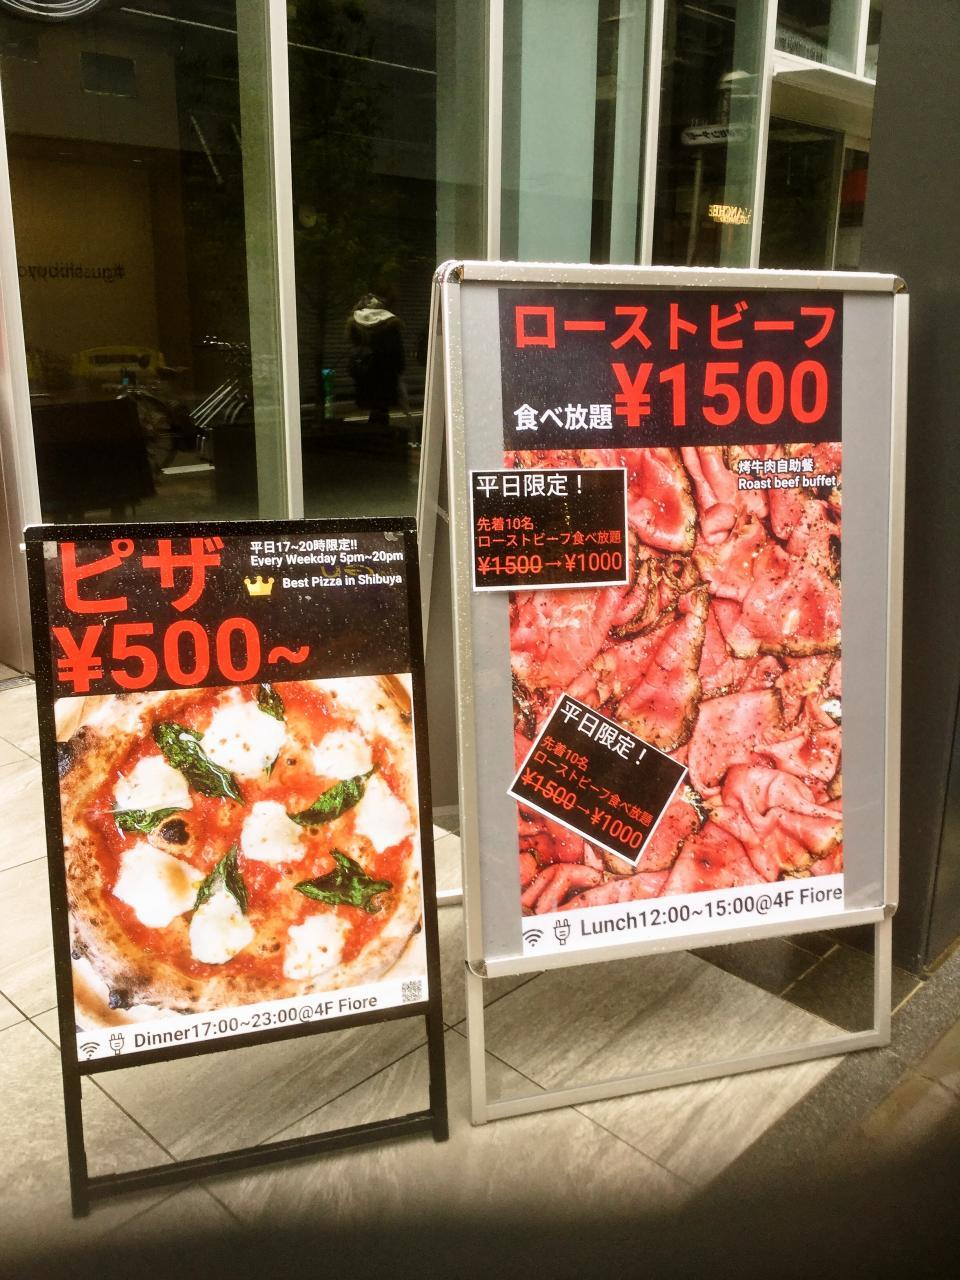 フィオーレ ピザ ダイニング & バー(店舗)